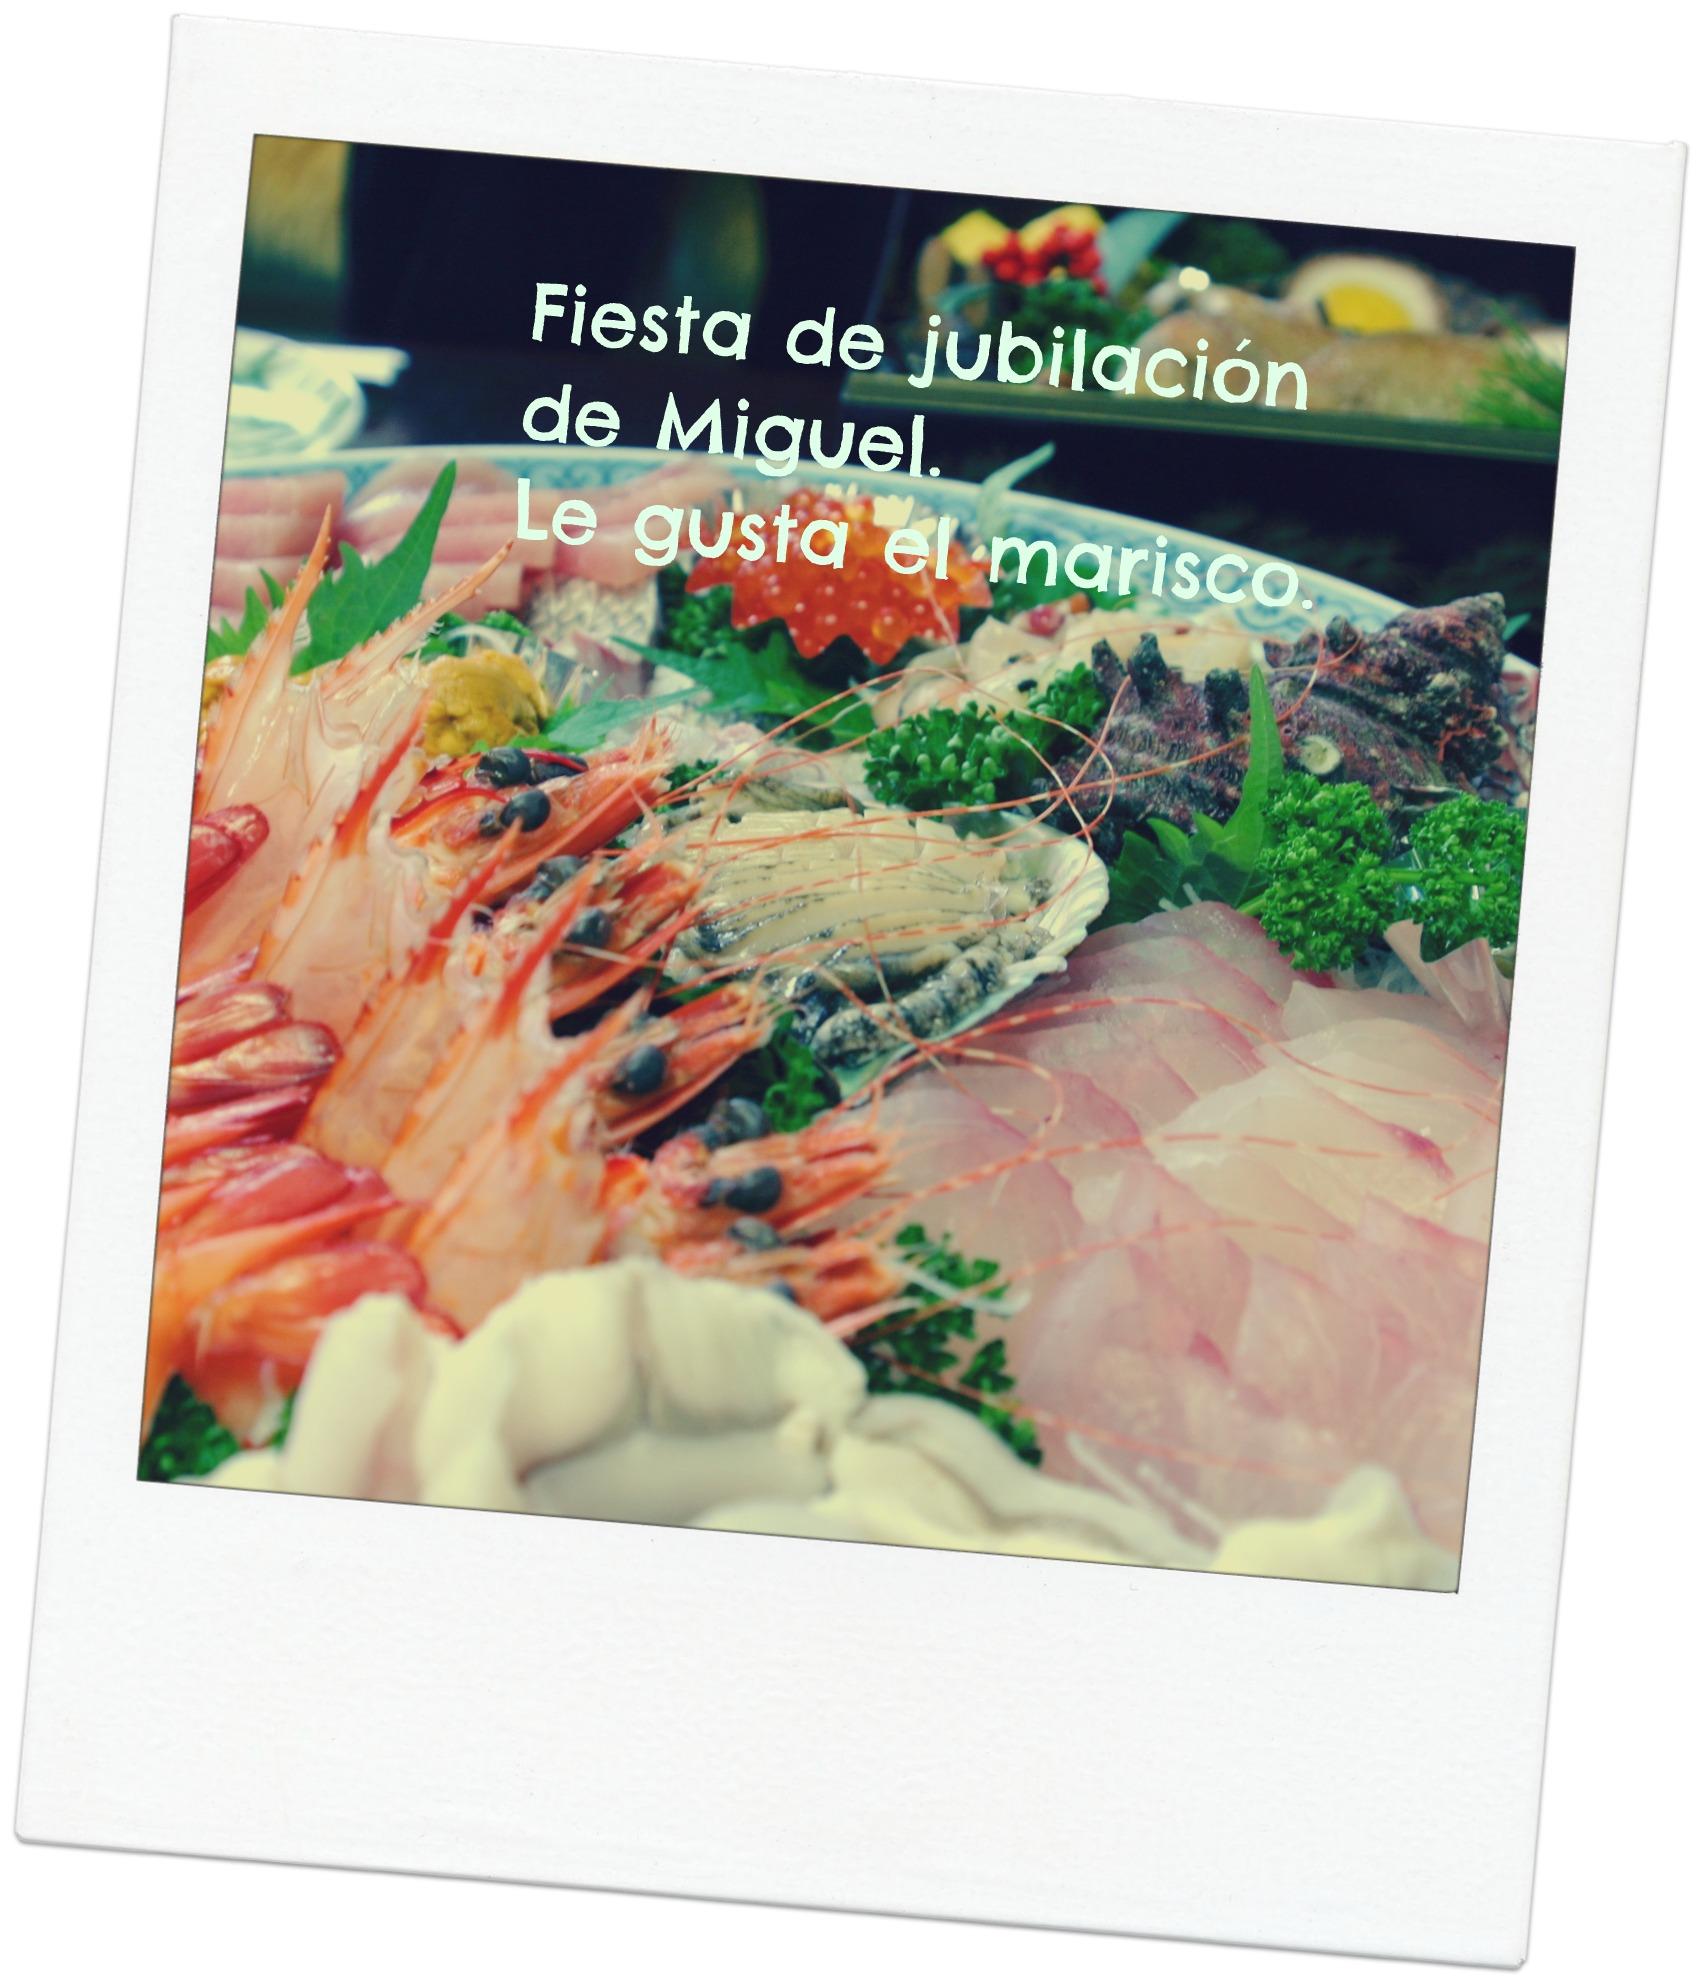 Las Delicias de Vero, catering, eventos, fiestas de empresa, lanzamientos de producto